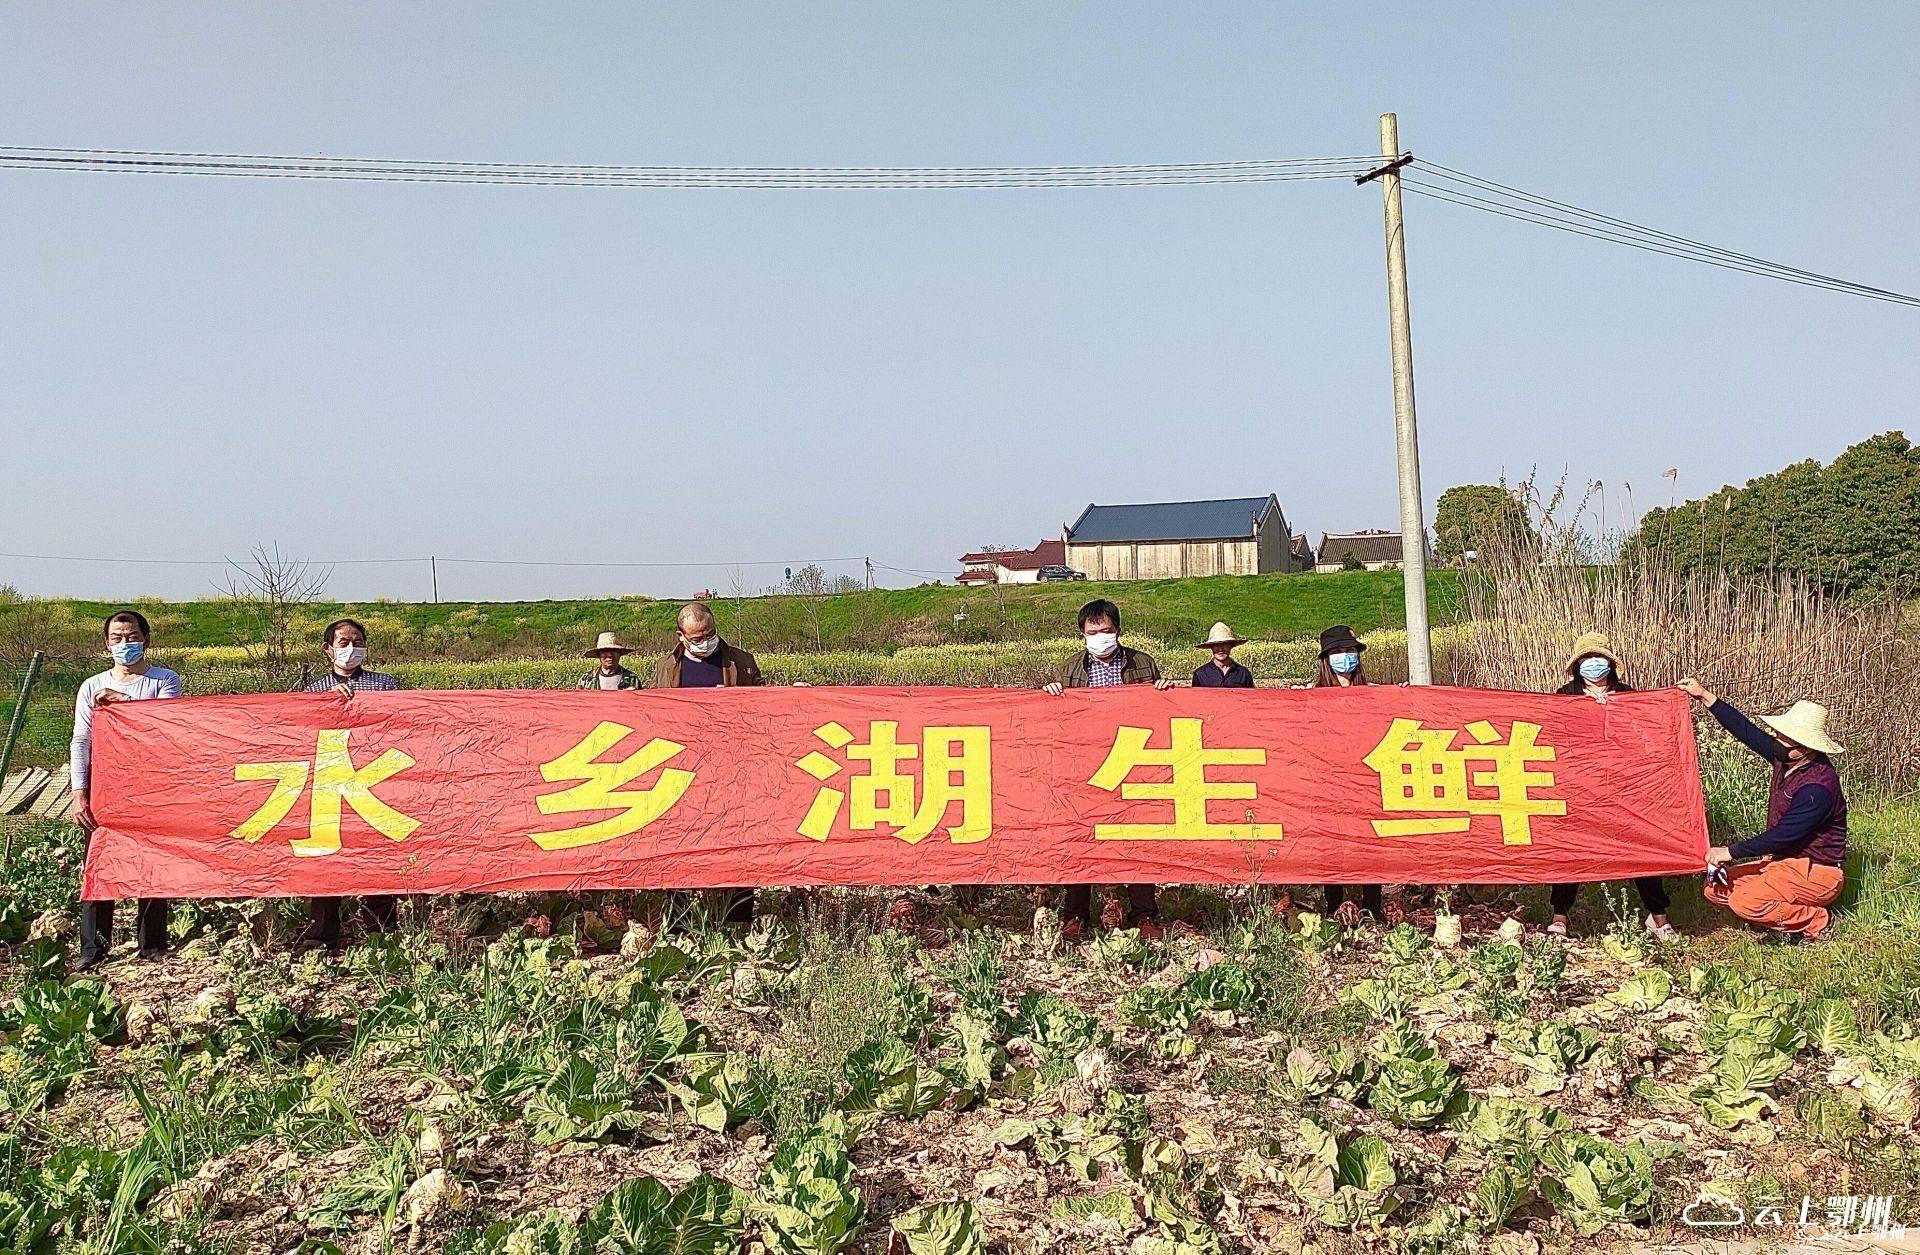 鄂州日报:点赞水乡湖电商发展(图1)